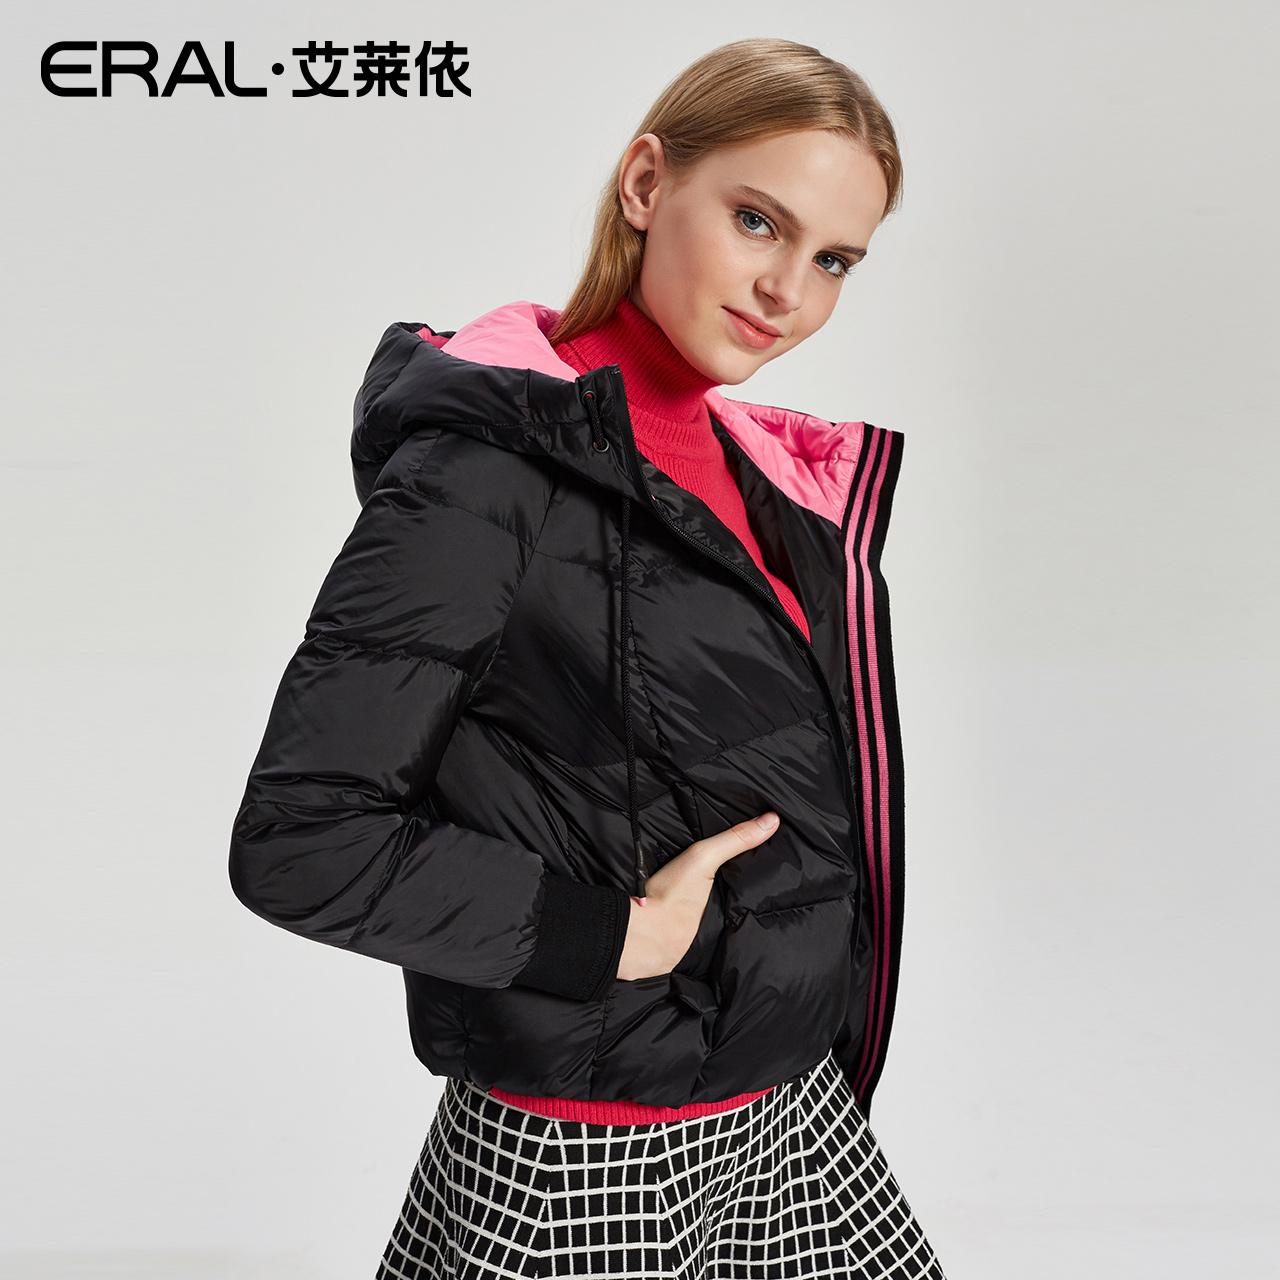 艾莱依专柜正品2017新款品牌女装时尚短款轻薄羽绒服反季清仓特价